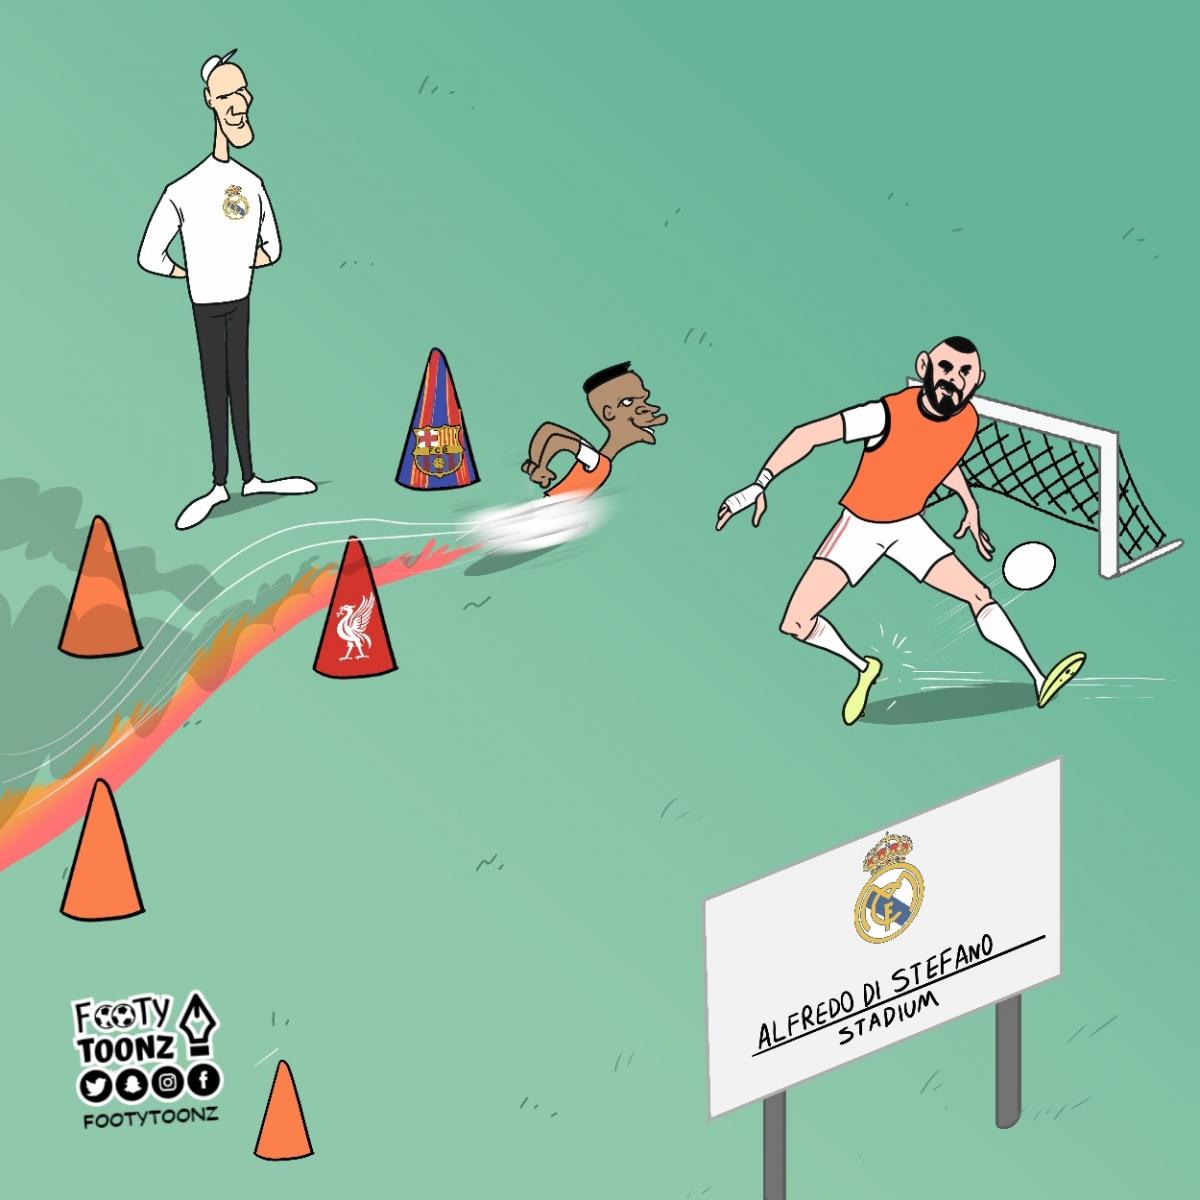 Real Madrid đã hạ gục Barca như thế nào. (Ảnh: Footy Toonz)